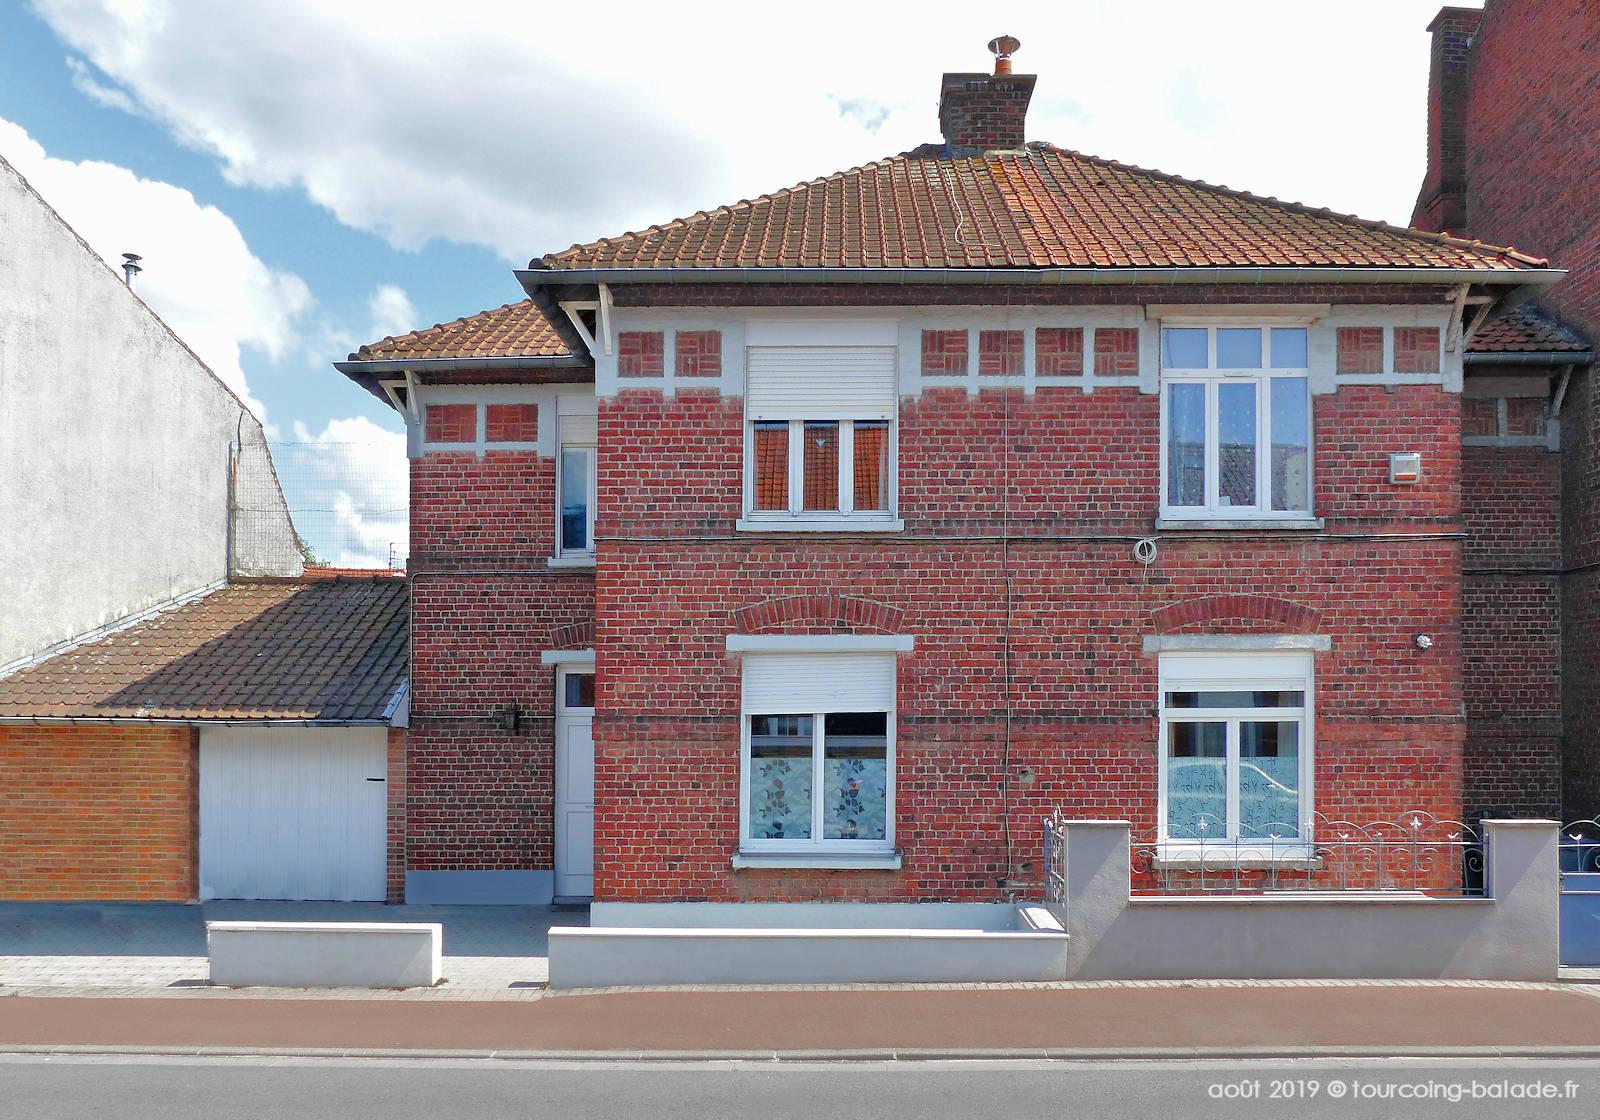 Maisons Jumelles Ouvrières du Blanc Seau, Tourcoing 2019